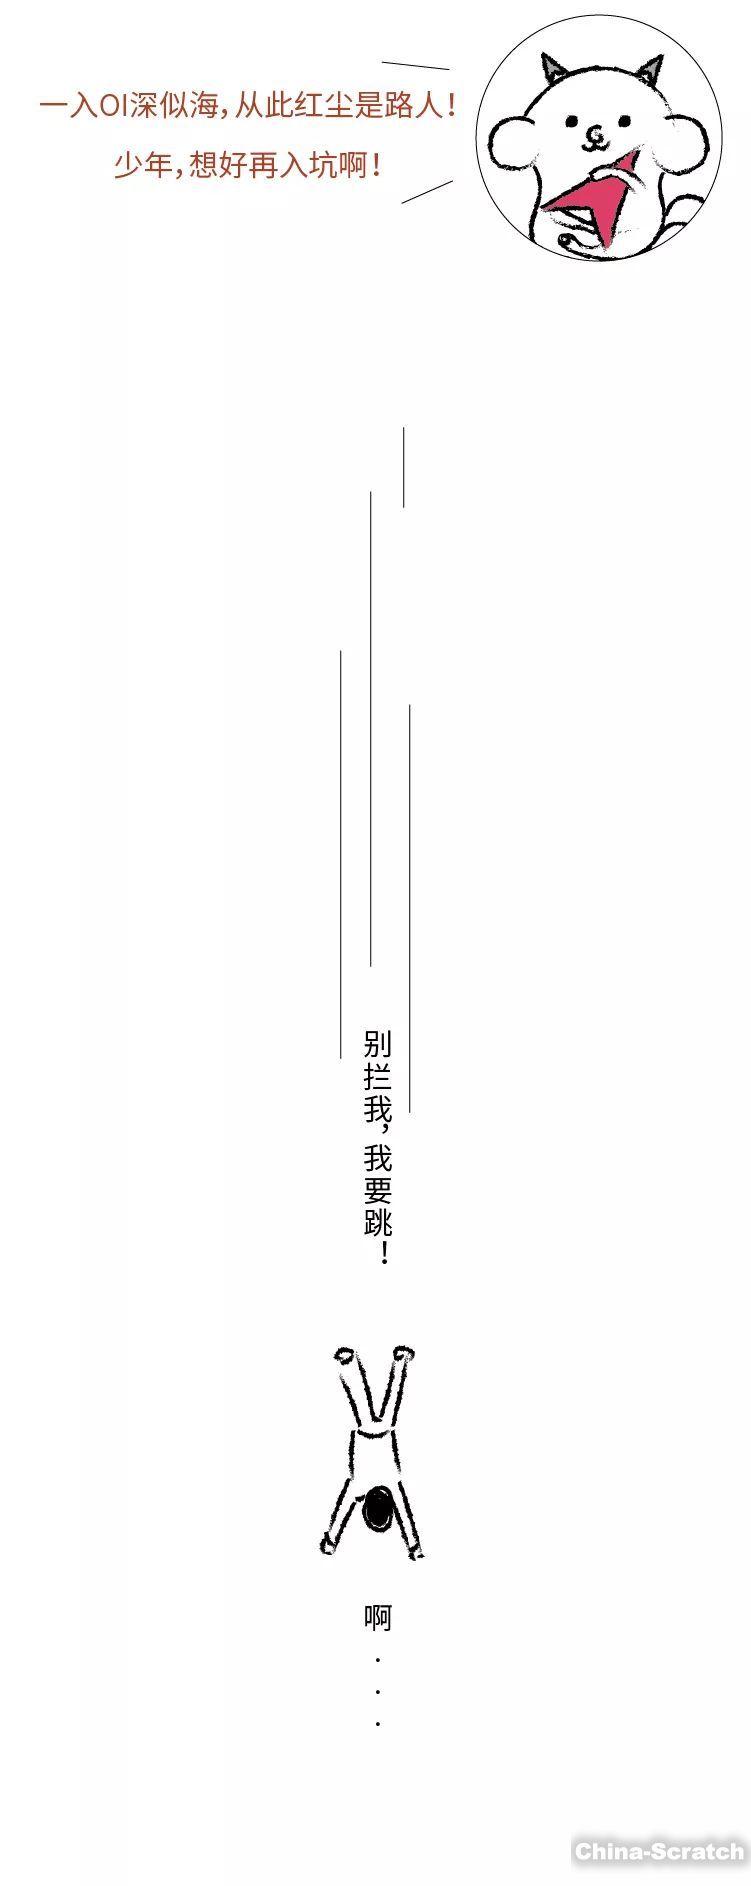 https://cdn.china-scratch.com/timg/190724/14305T2N-5.jpg